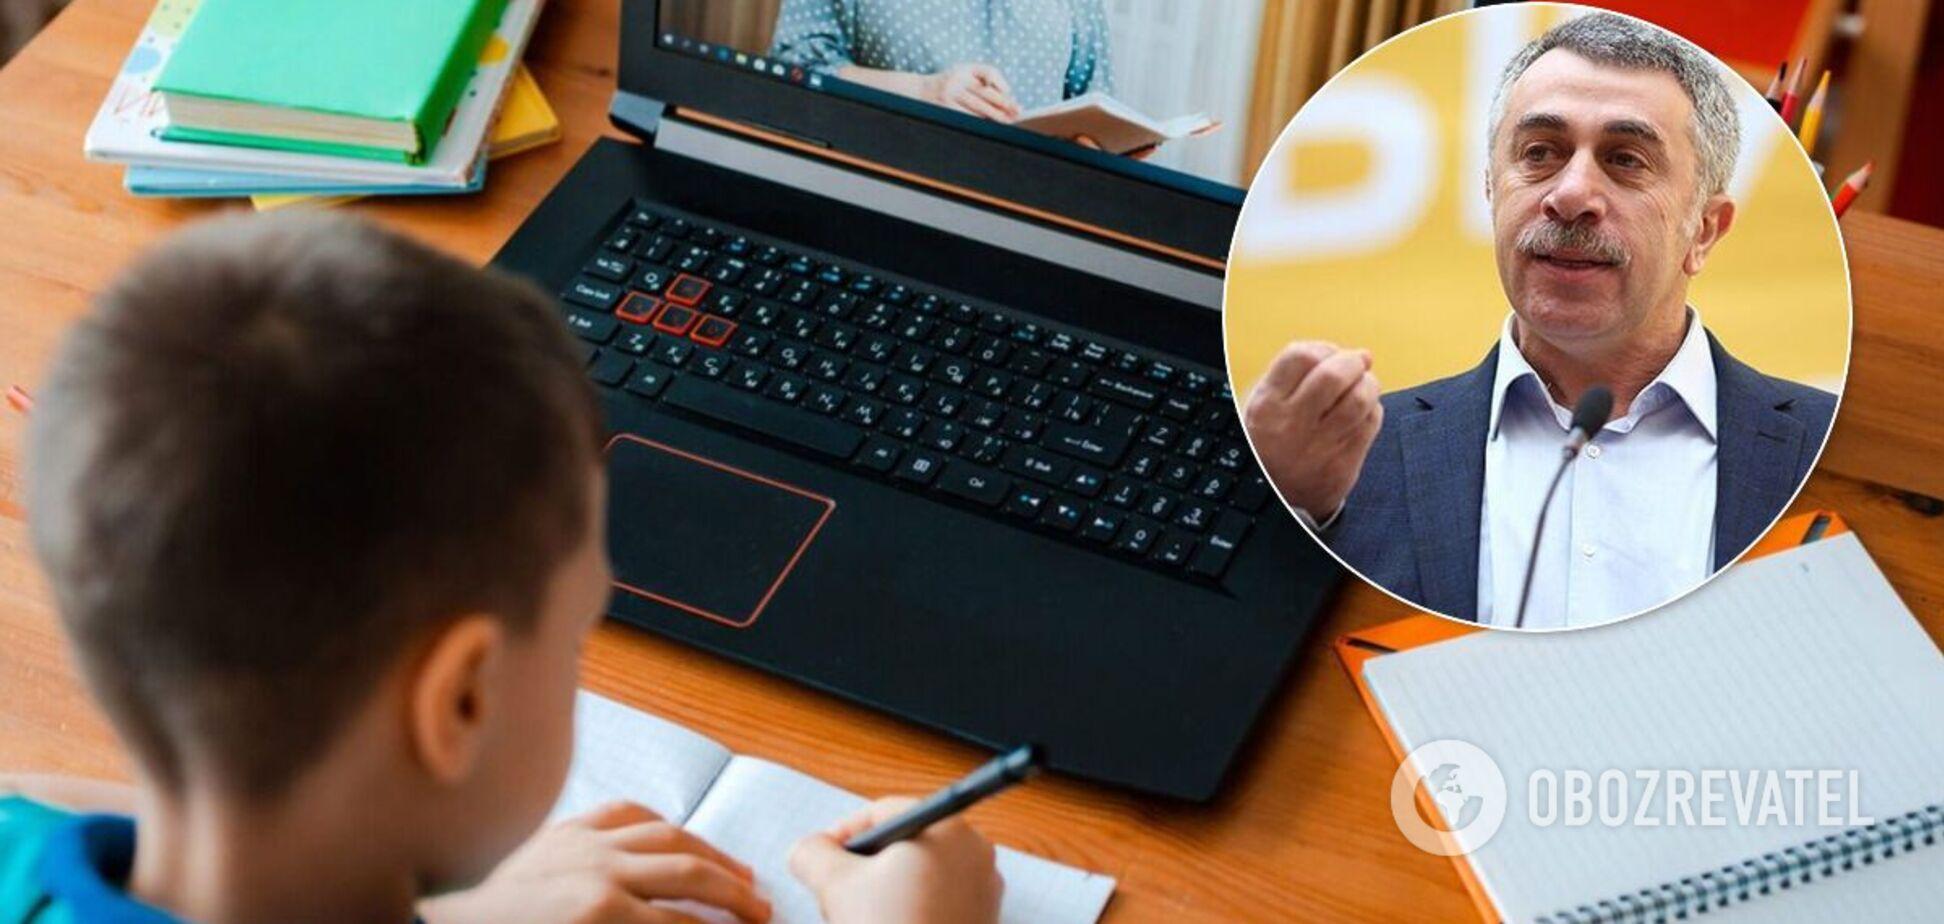 Чого позбавляється дитина під час навчання онлайн